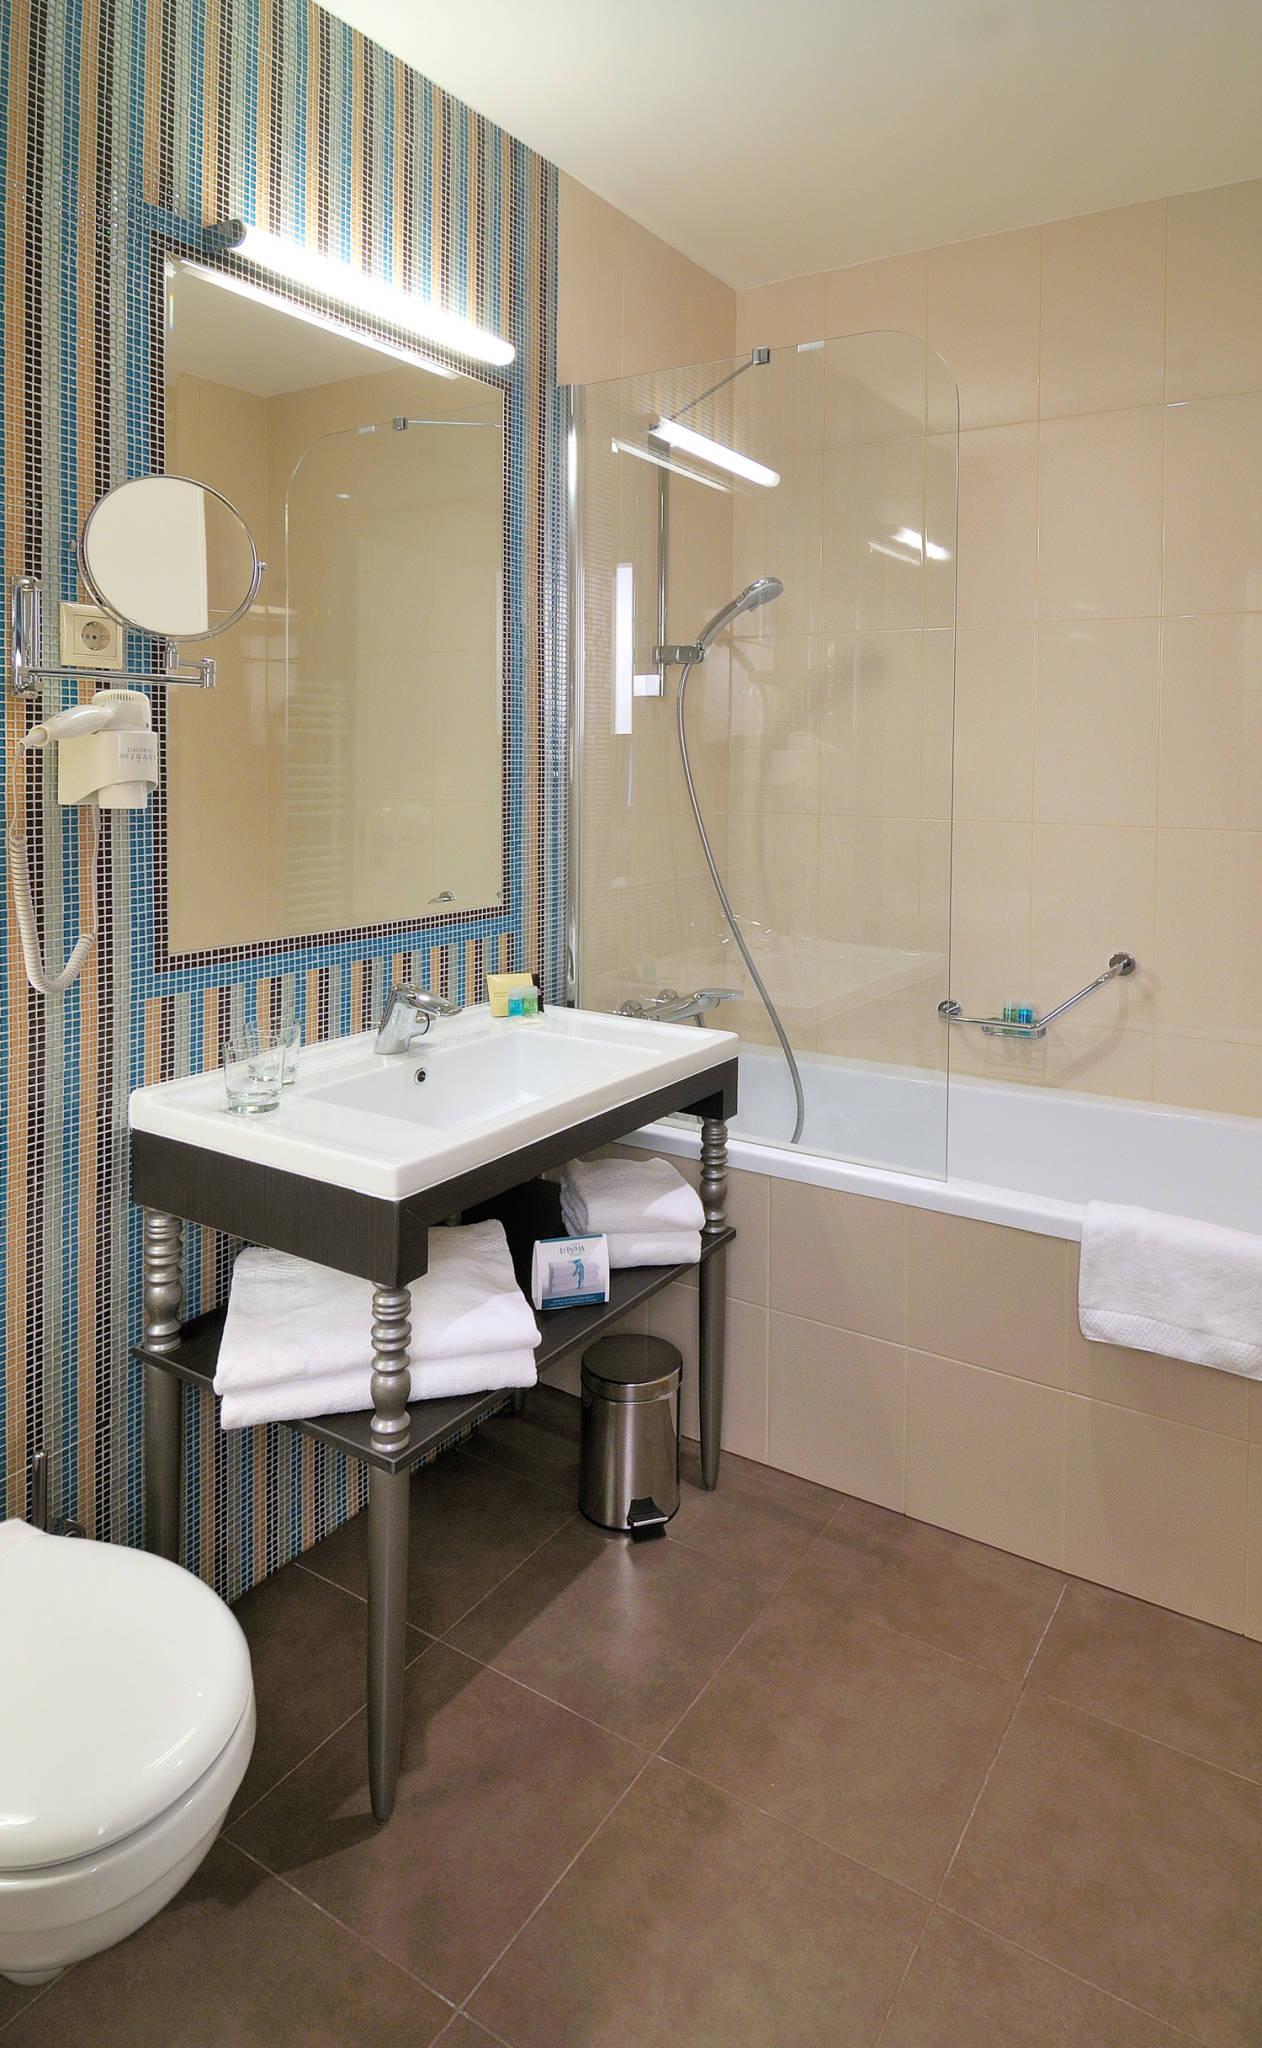 La Prima Fashion Hotel Budapest - Deluxe kétágyas szoba fürdőkáddal